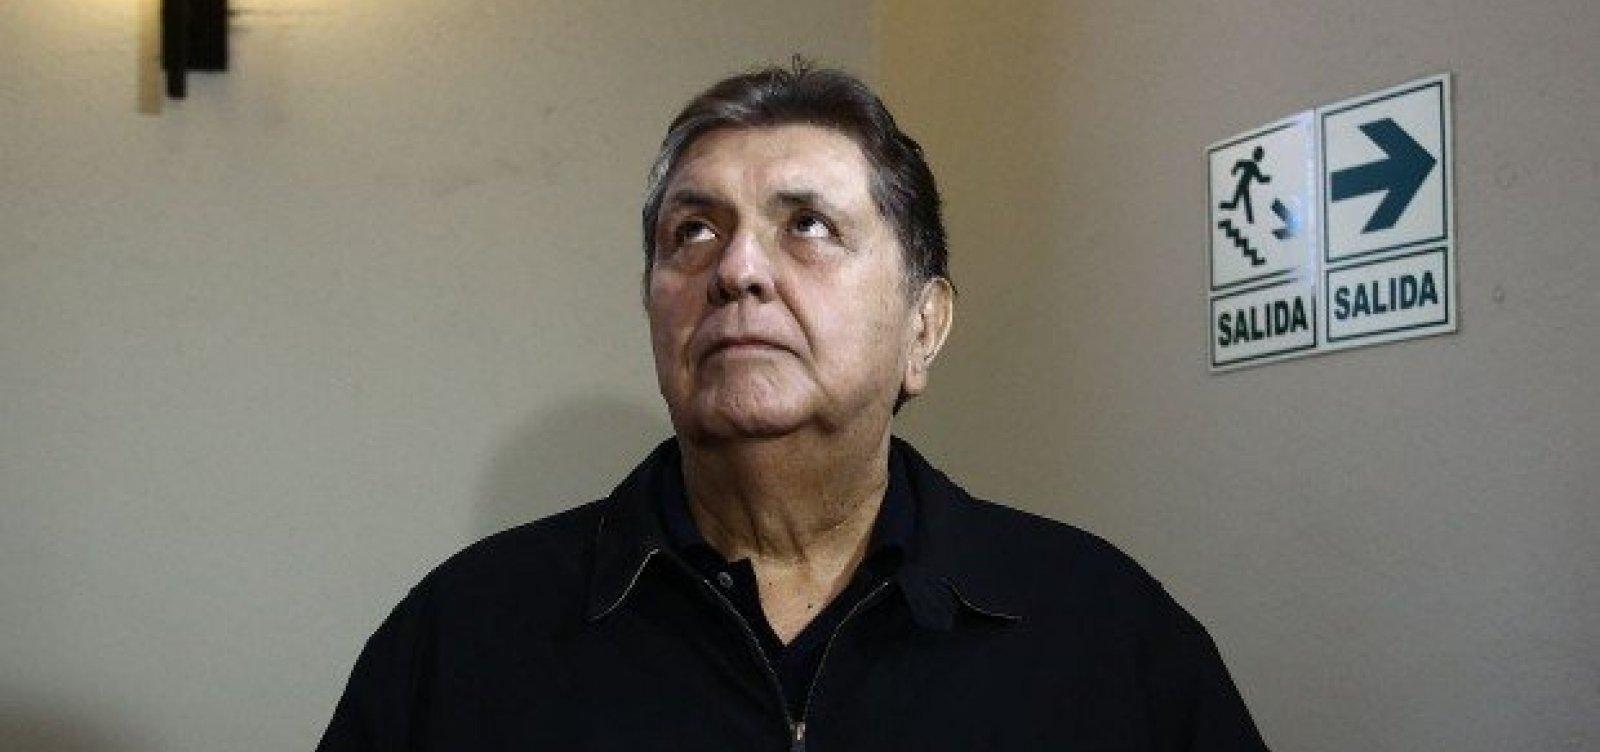 [Ex-presidente do Peru tenta suicídio após ordem de prisão no caso Odebrecht]